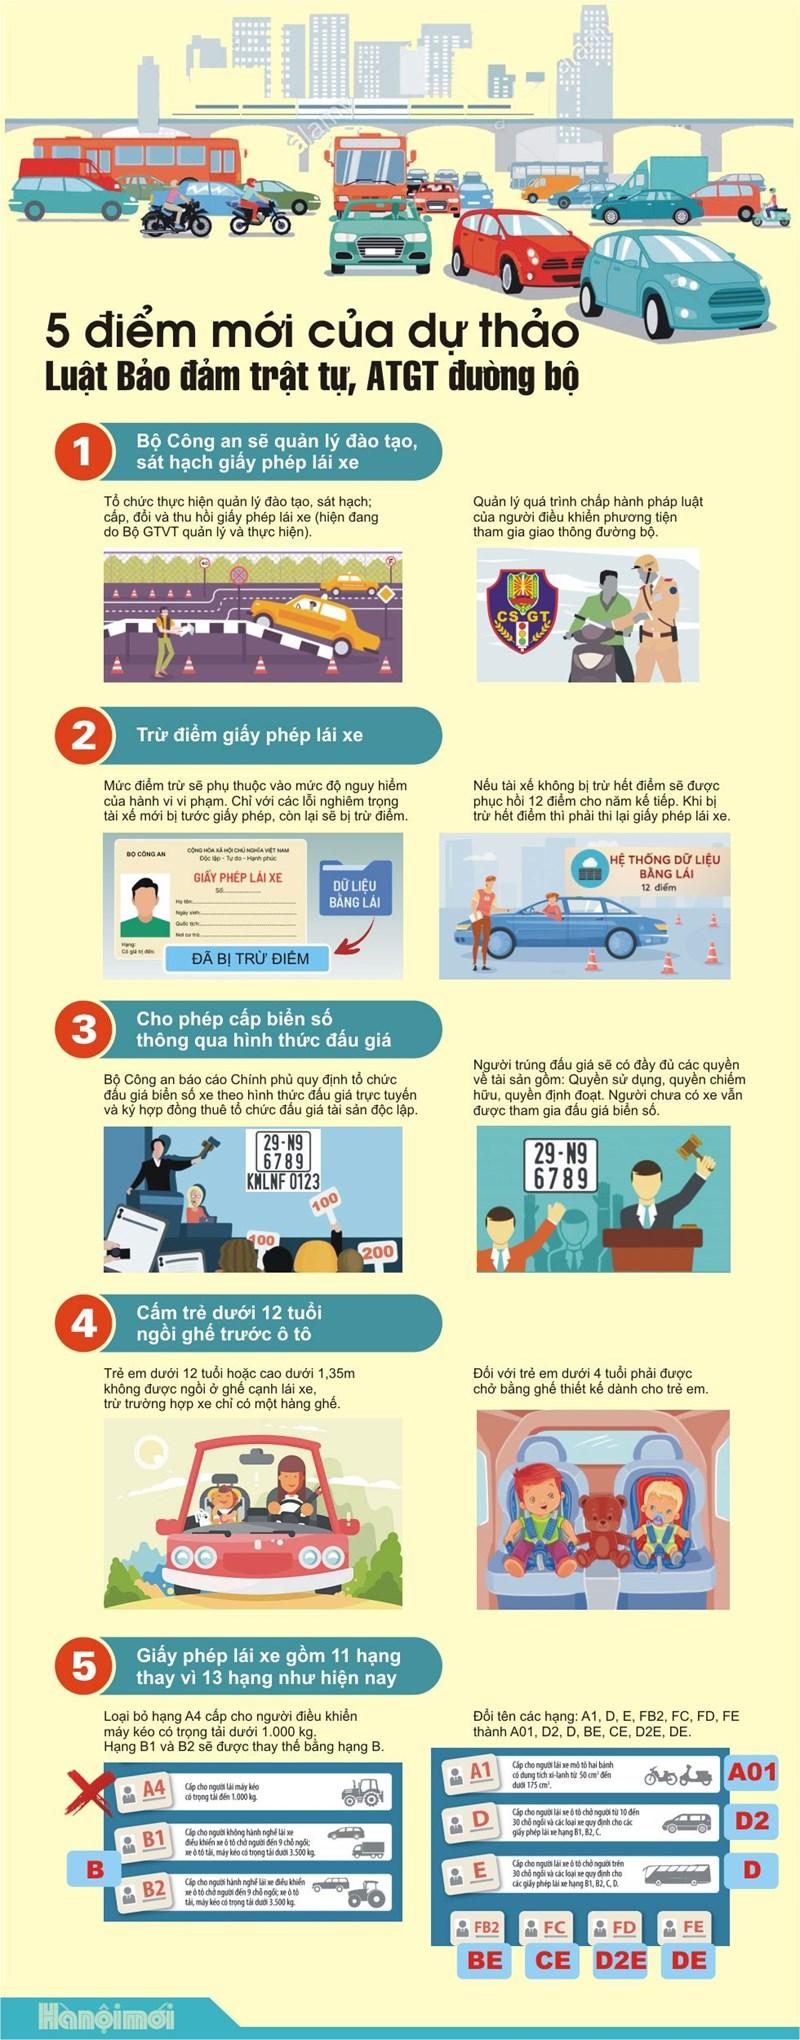 [Infographics] 5 điểm mới của dự thảo Luật Bảo đảm trật tự, an toàn giao thông đường bộ - Ảnh 1